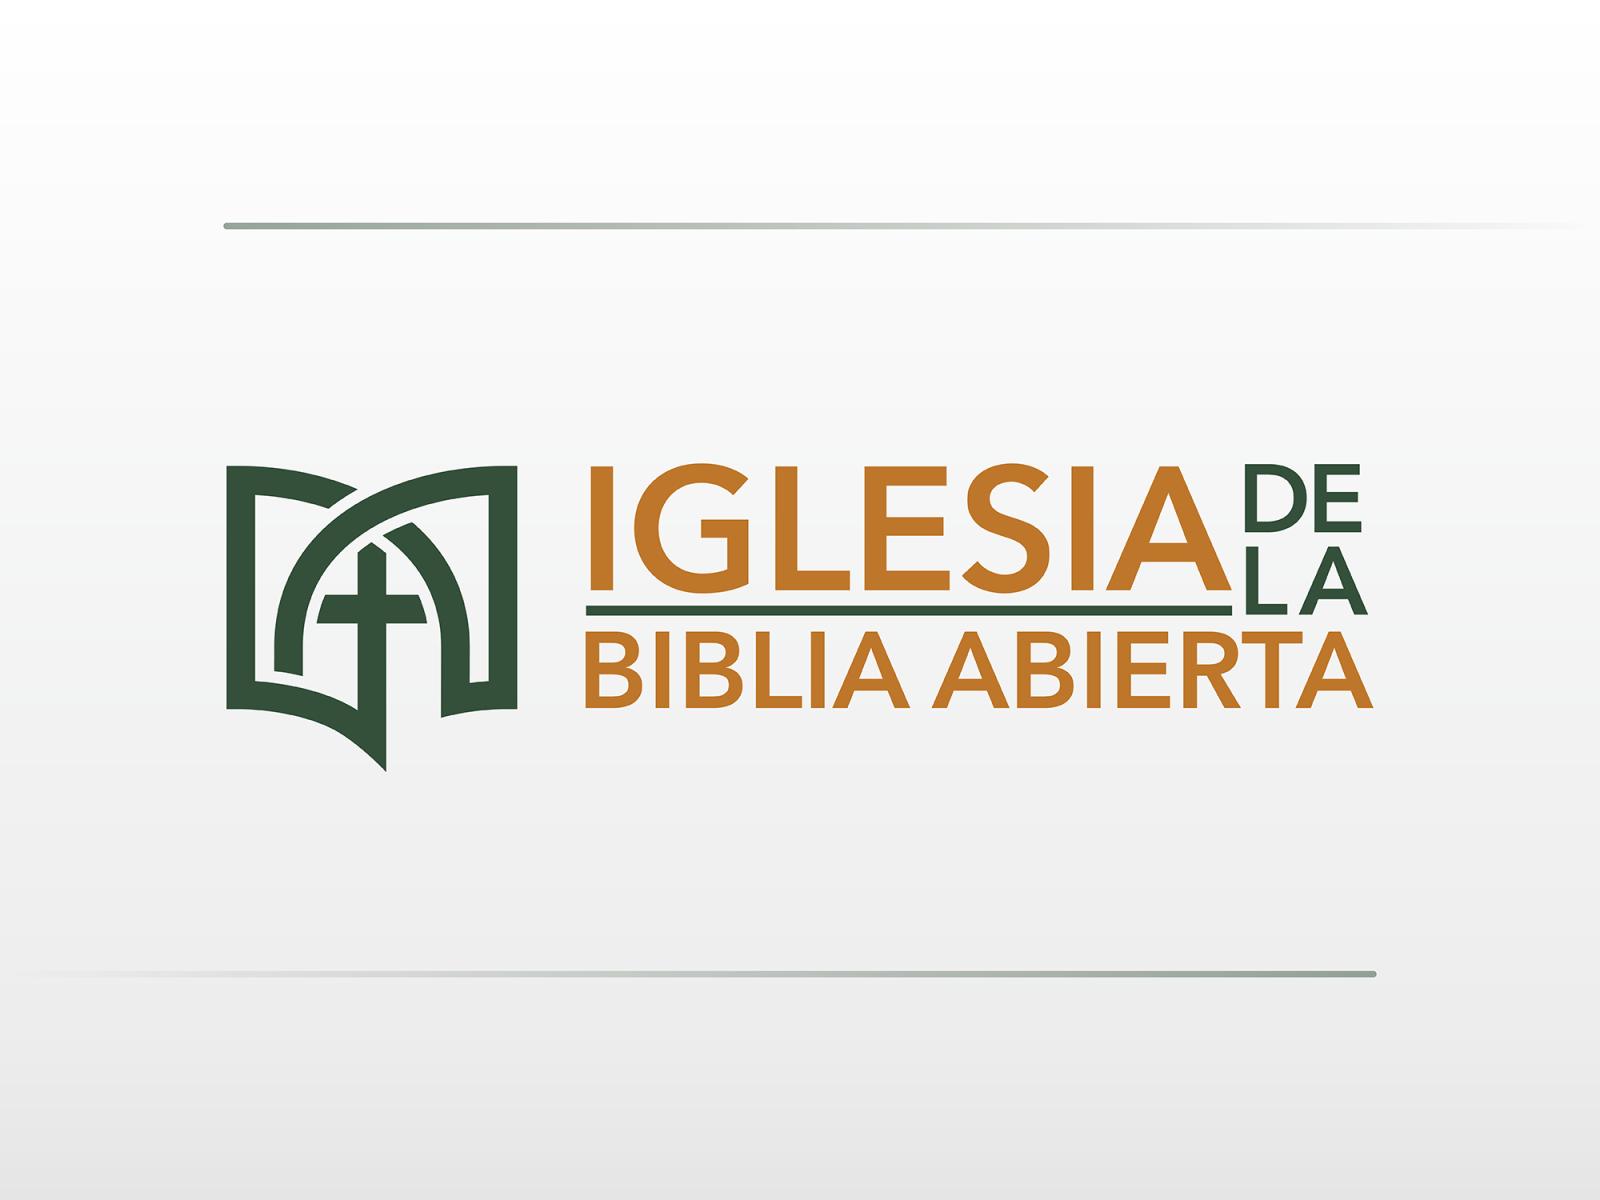 Iglesia De La Biblia Abierta By Biggs Design On Dribbble